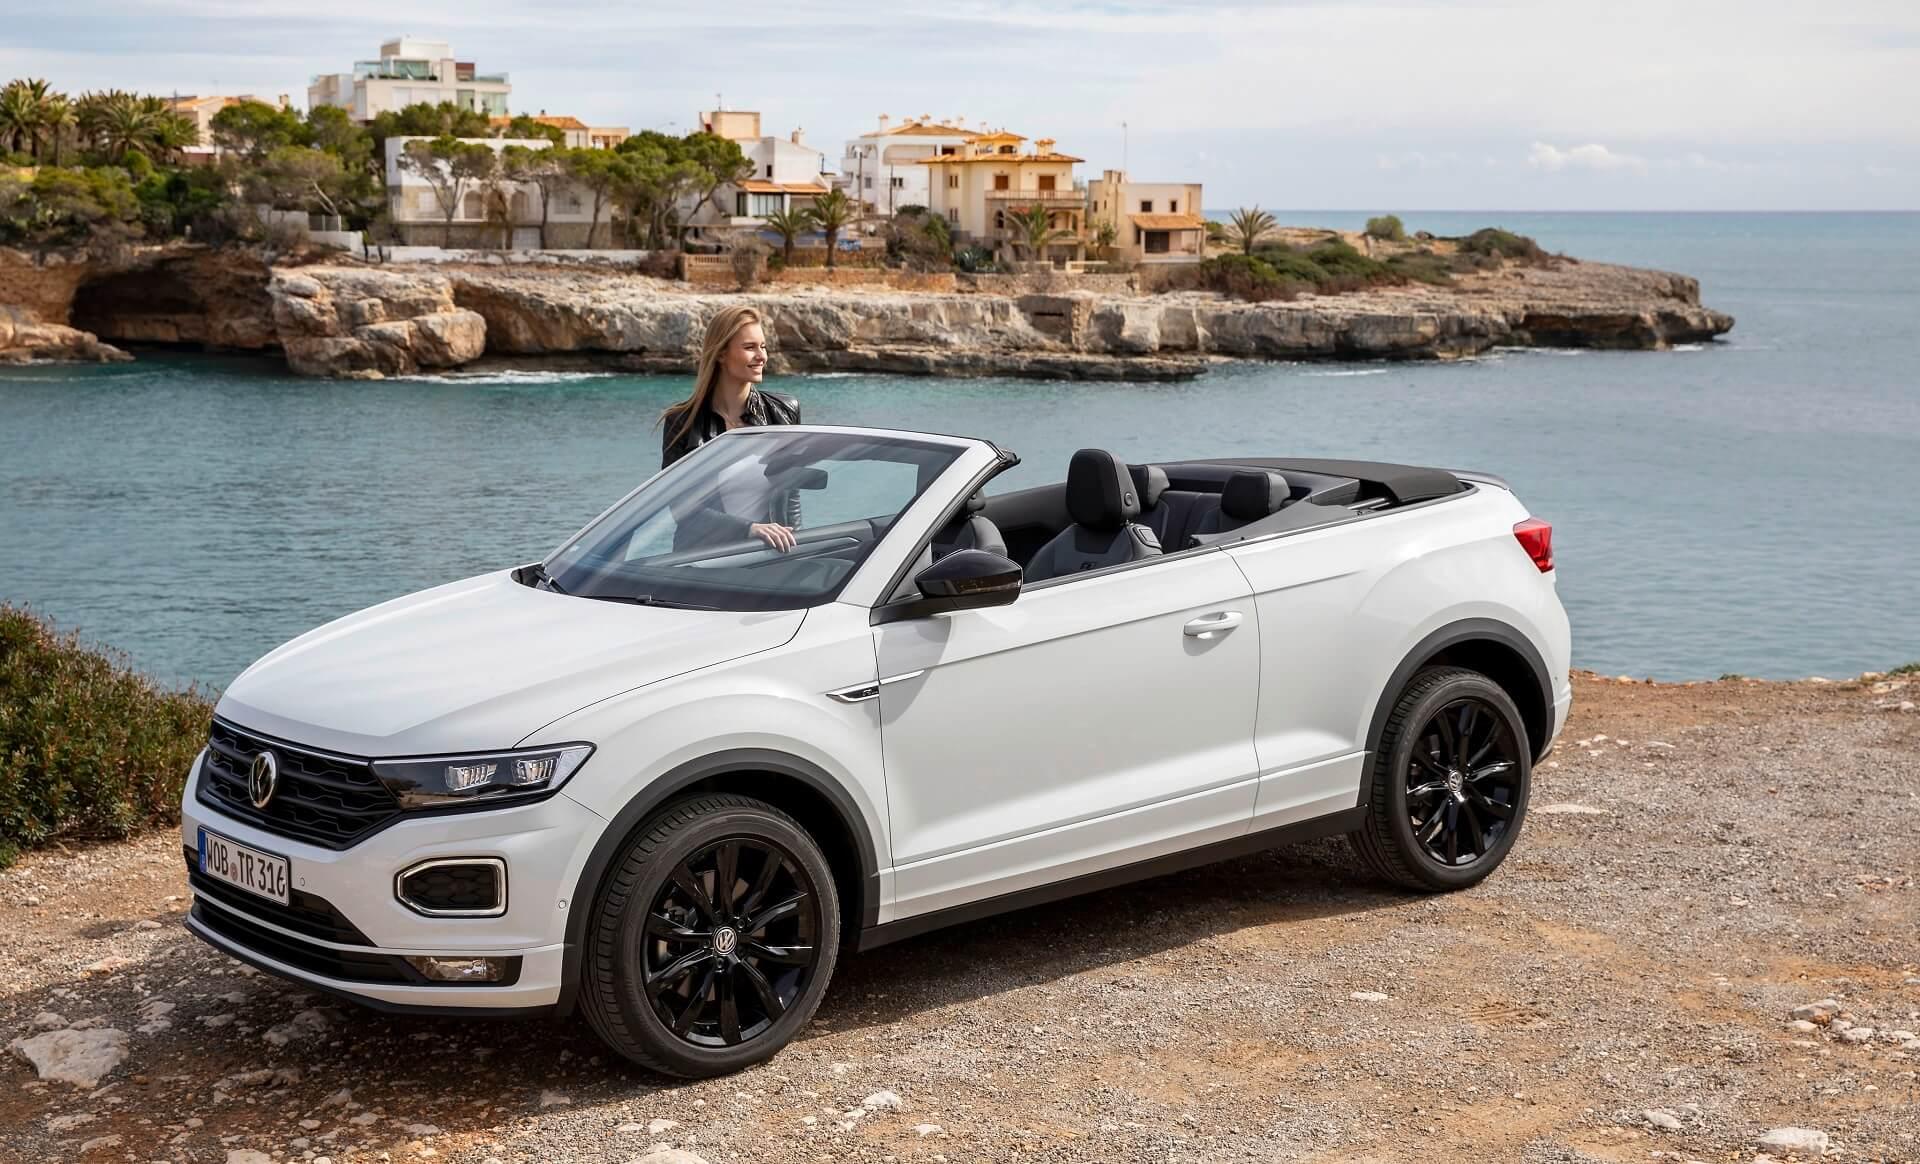 Volkswagen T-Roc Cabriolet - Ελευθερία χωρίς οροφή